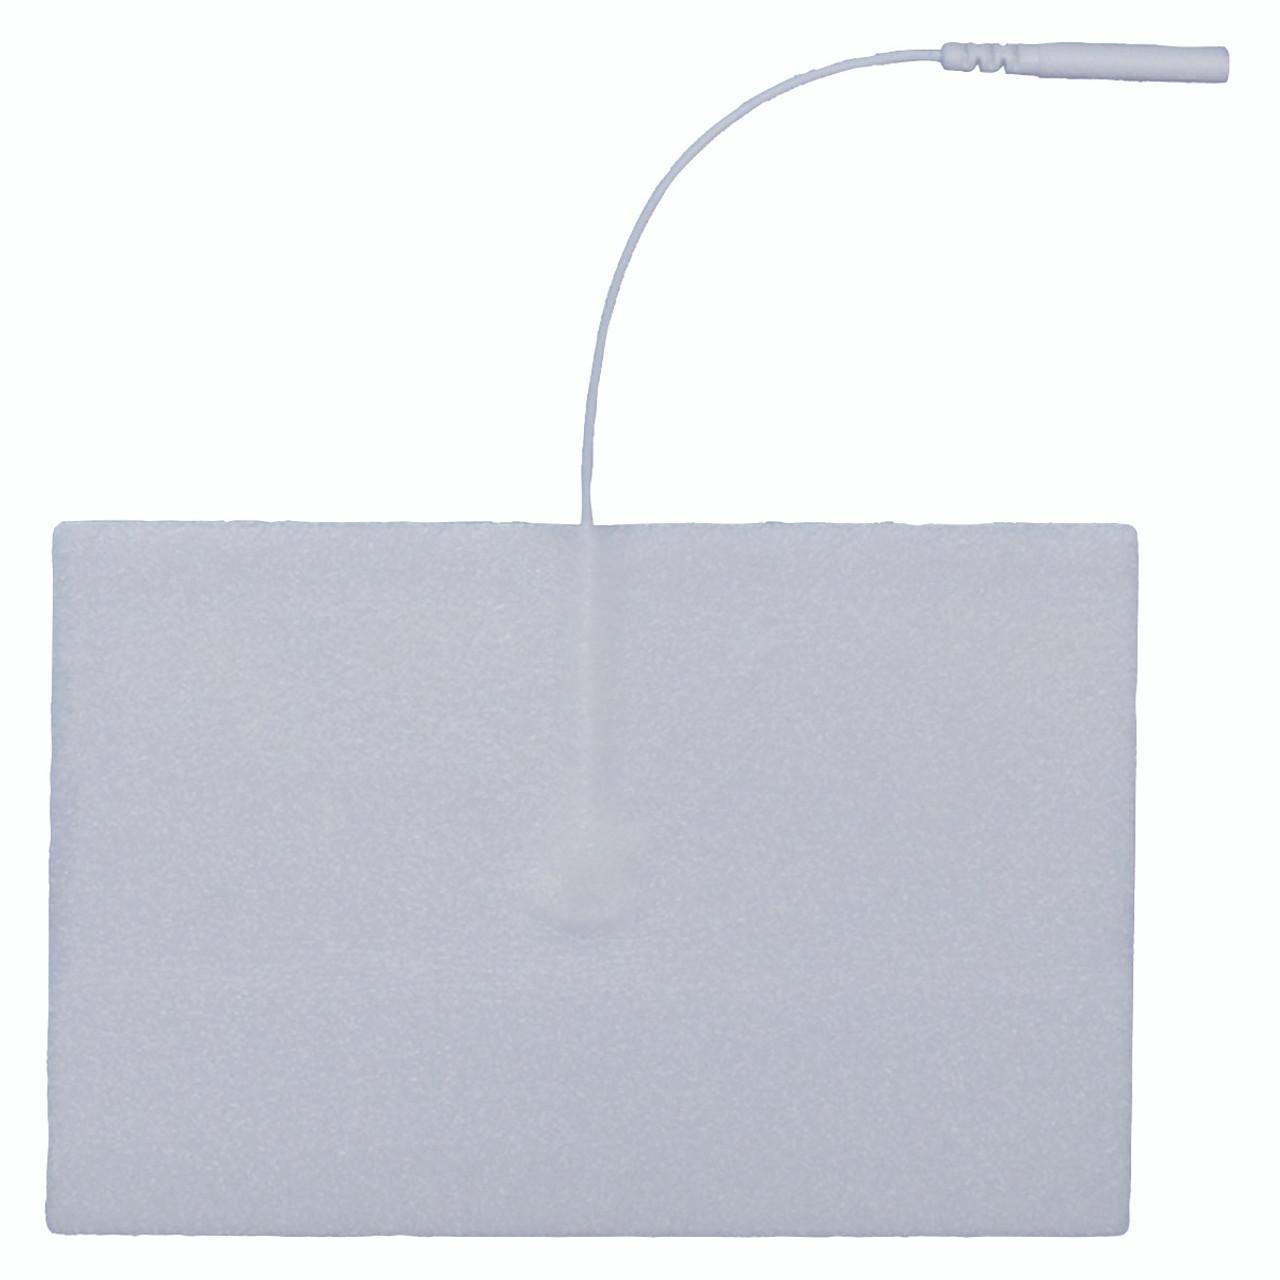 """AdvanTrode¨ Elite Electrode, 3""""x5"""" oval, white foam, 20/box"""